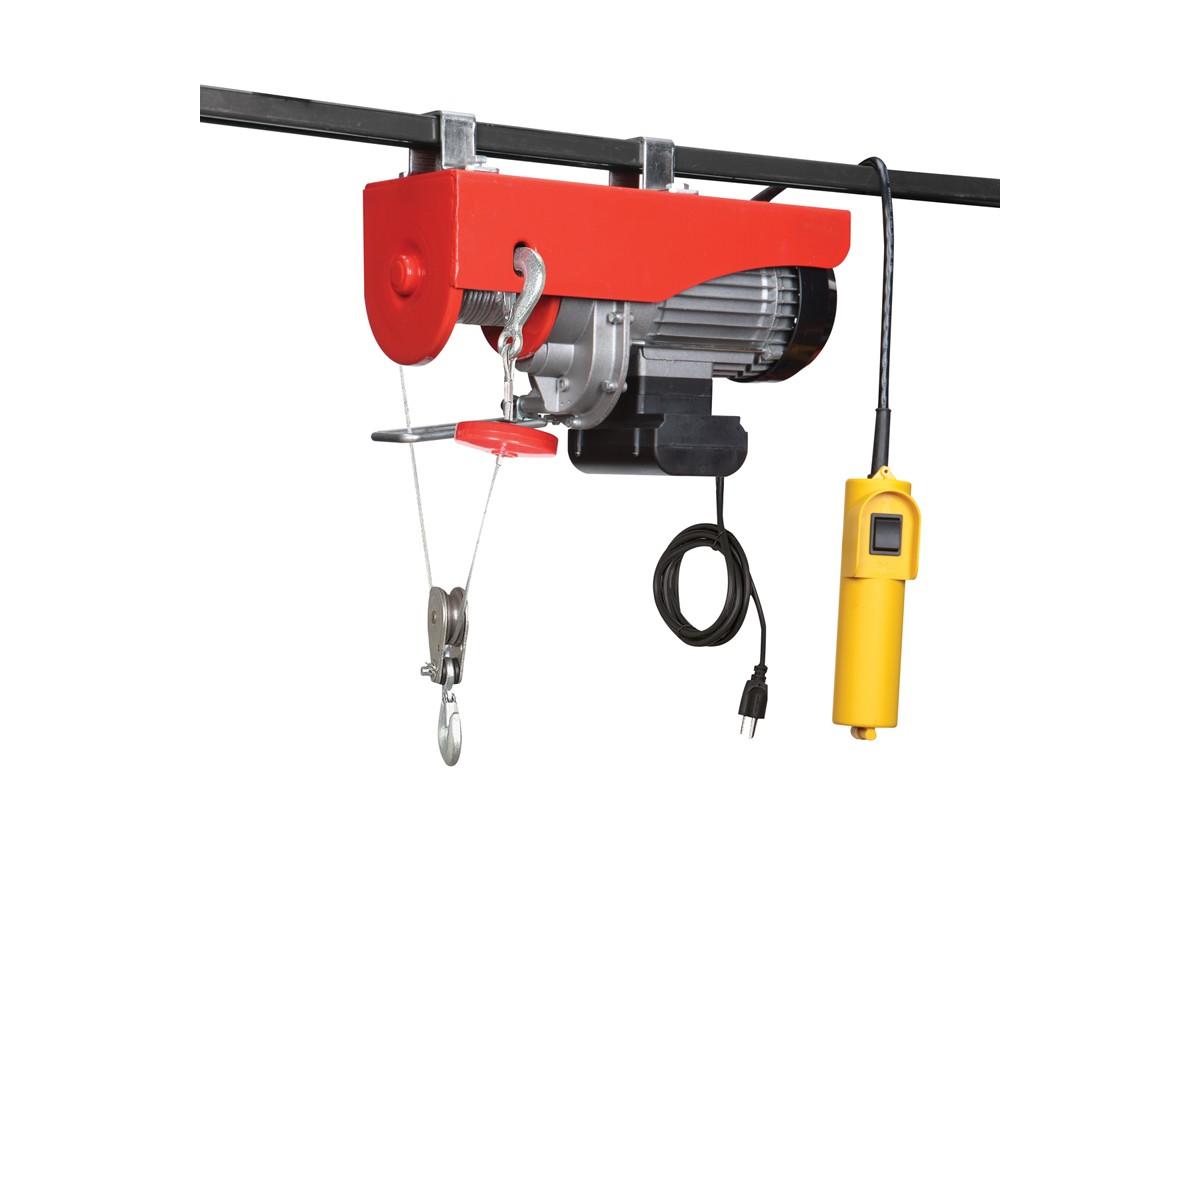 Installing an Electric Hoist in a garage-hoist.jpg